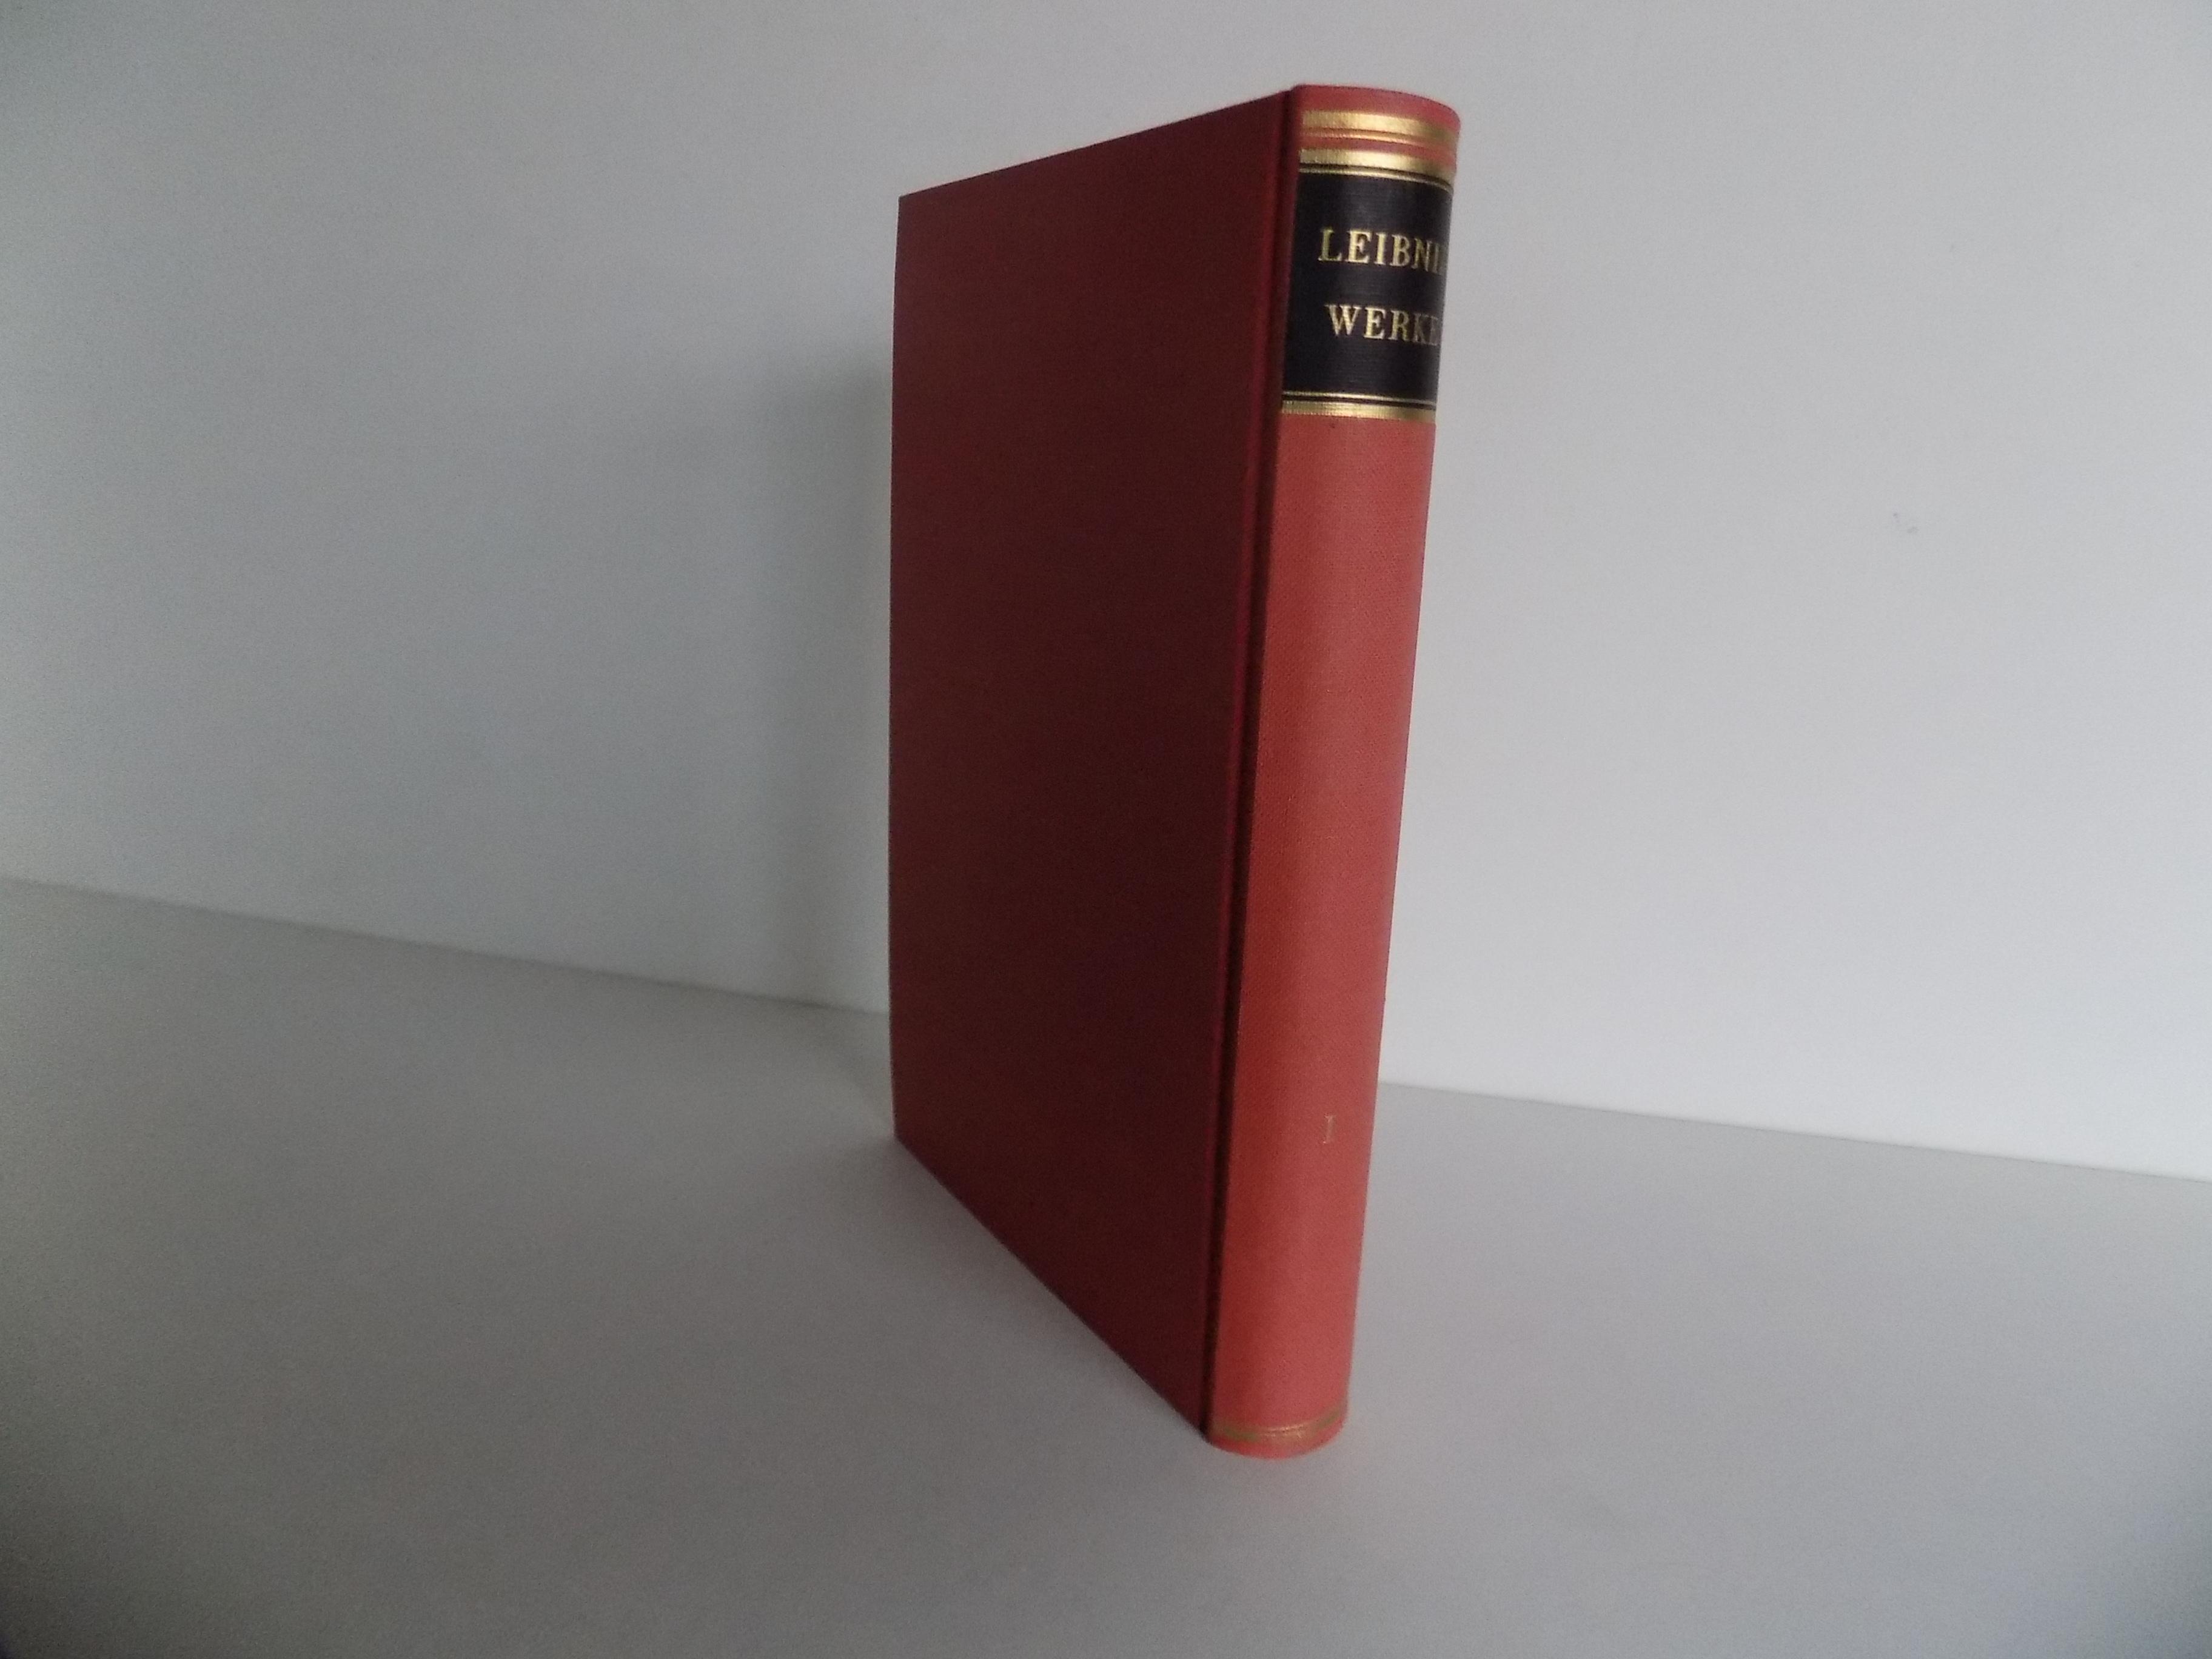 Opuscules metaphysiques. Kleine Schriften zur Metaphysik. Französisch-deutsch.: Leibniz, Gottfried Wilhelm